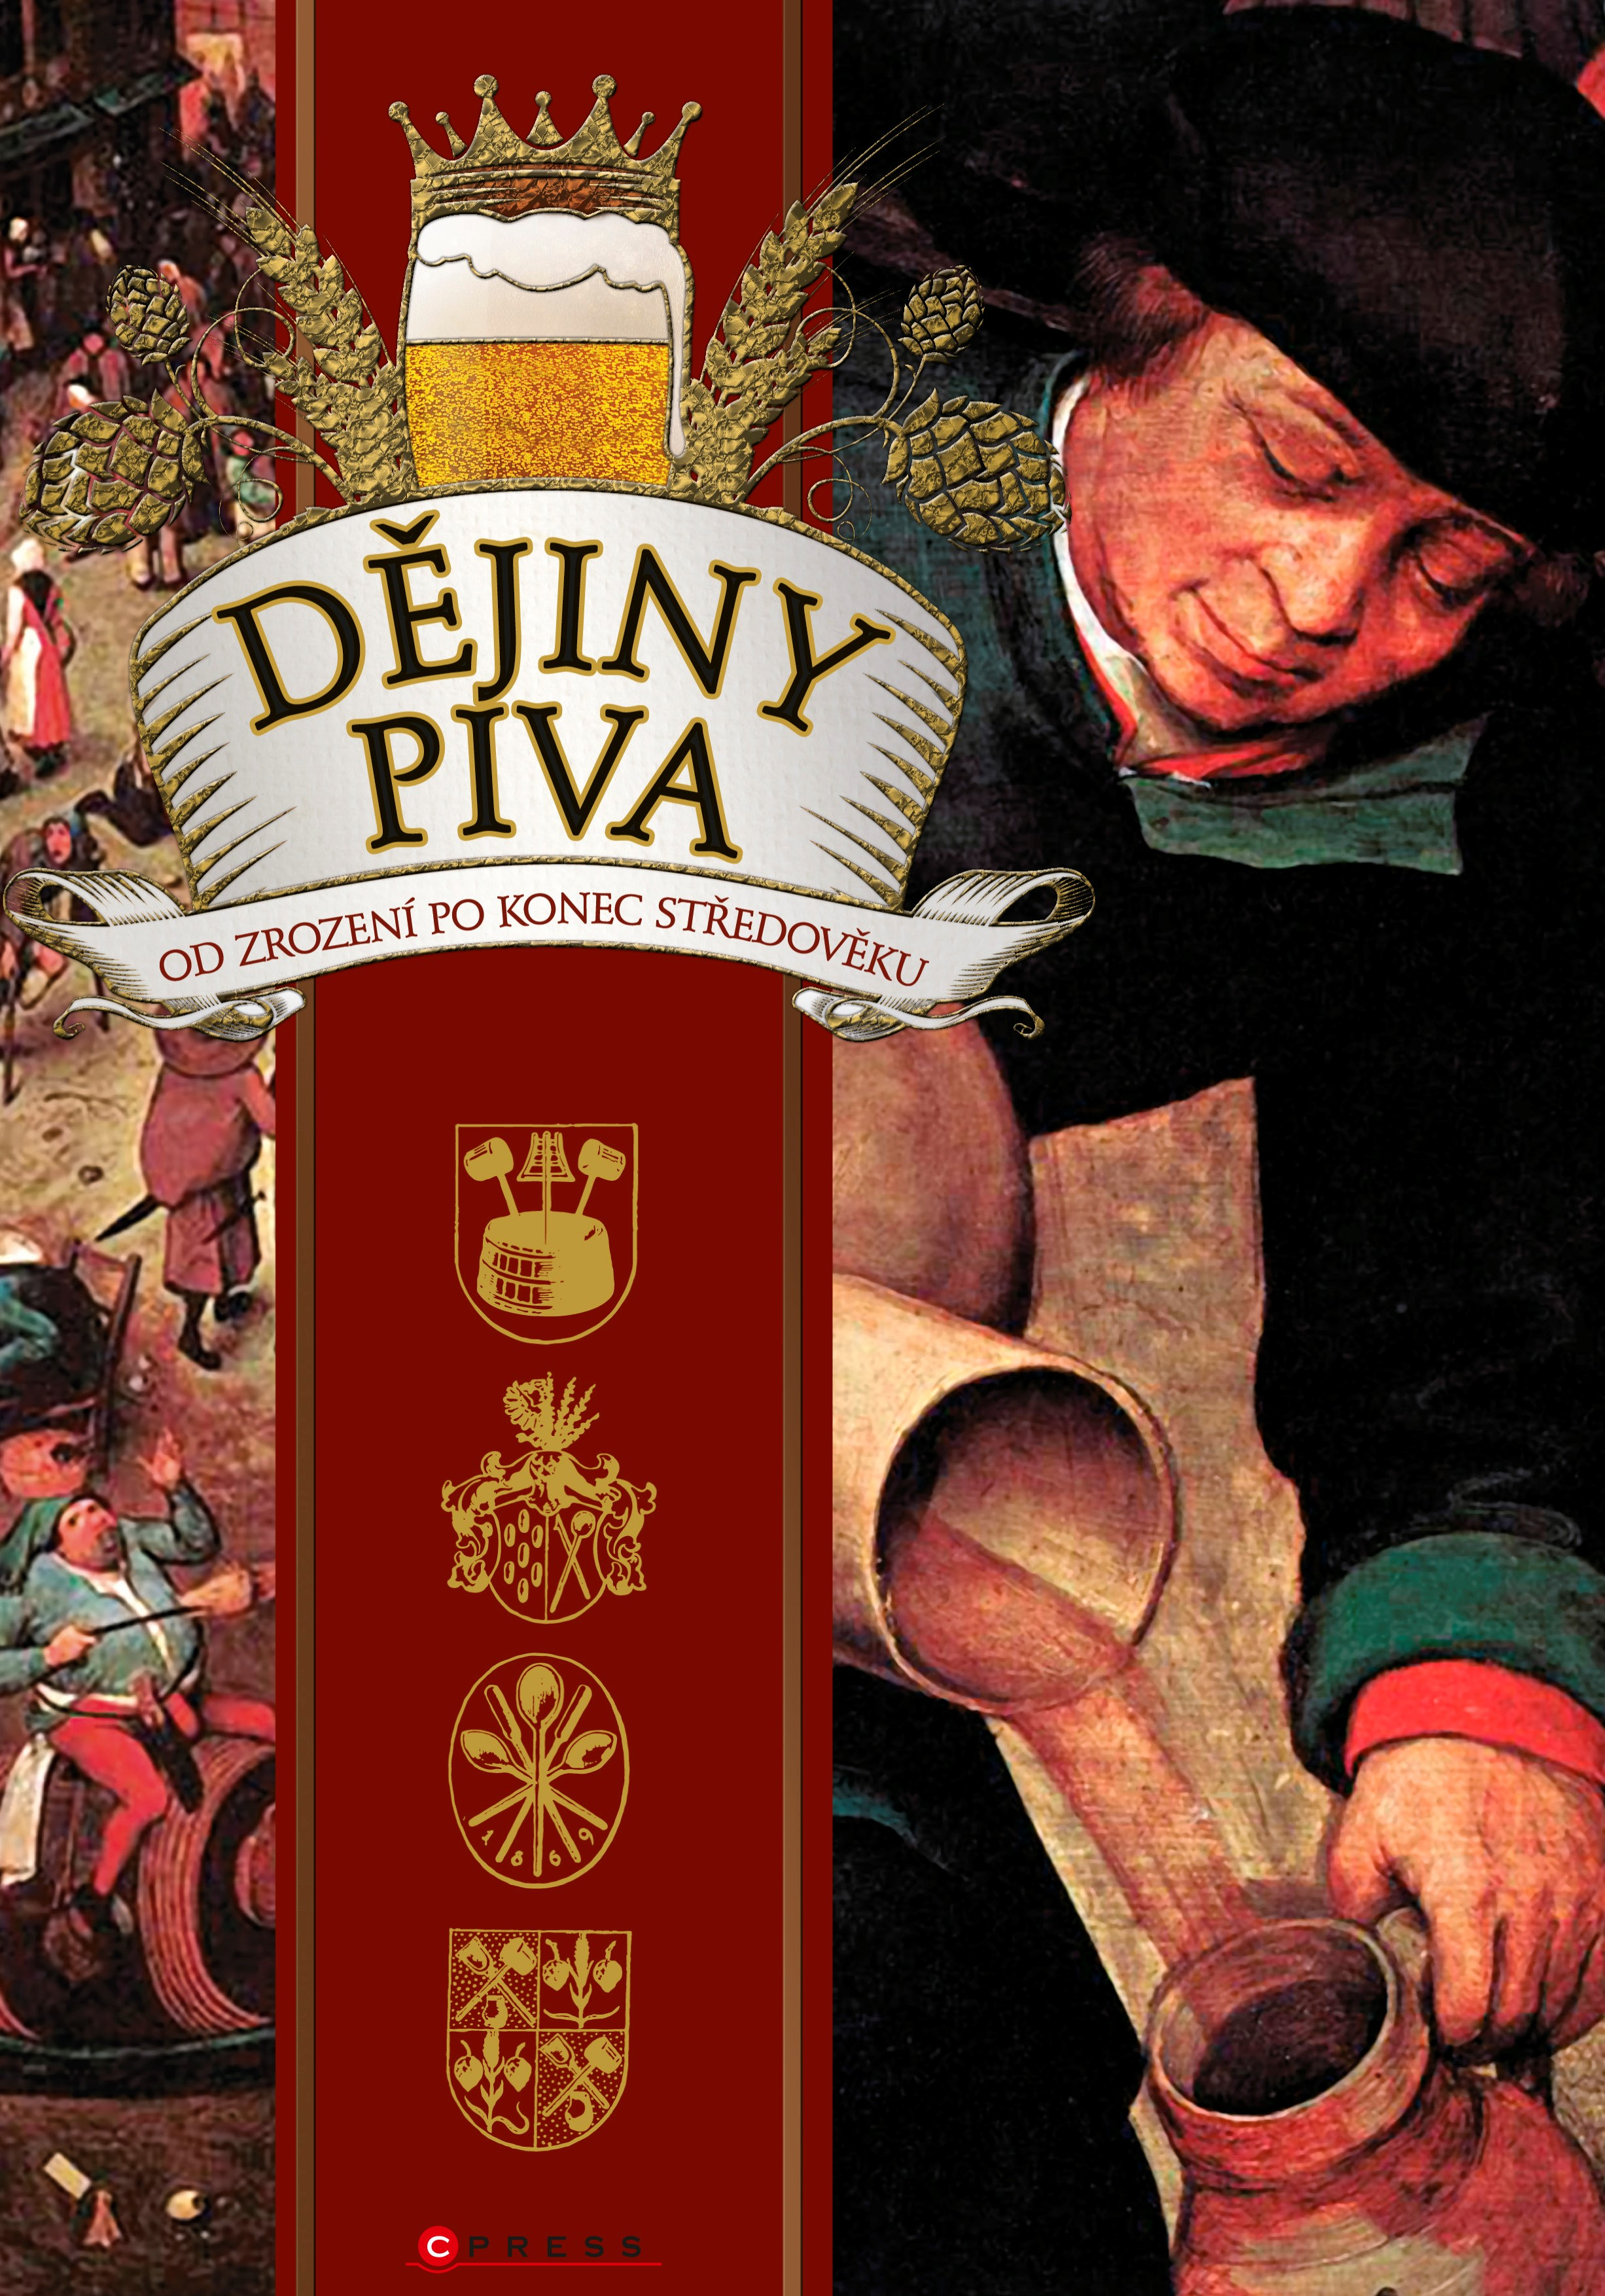 Dějiny piva